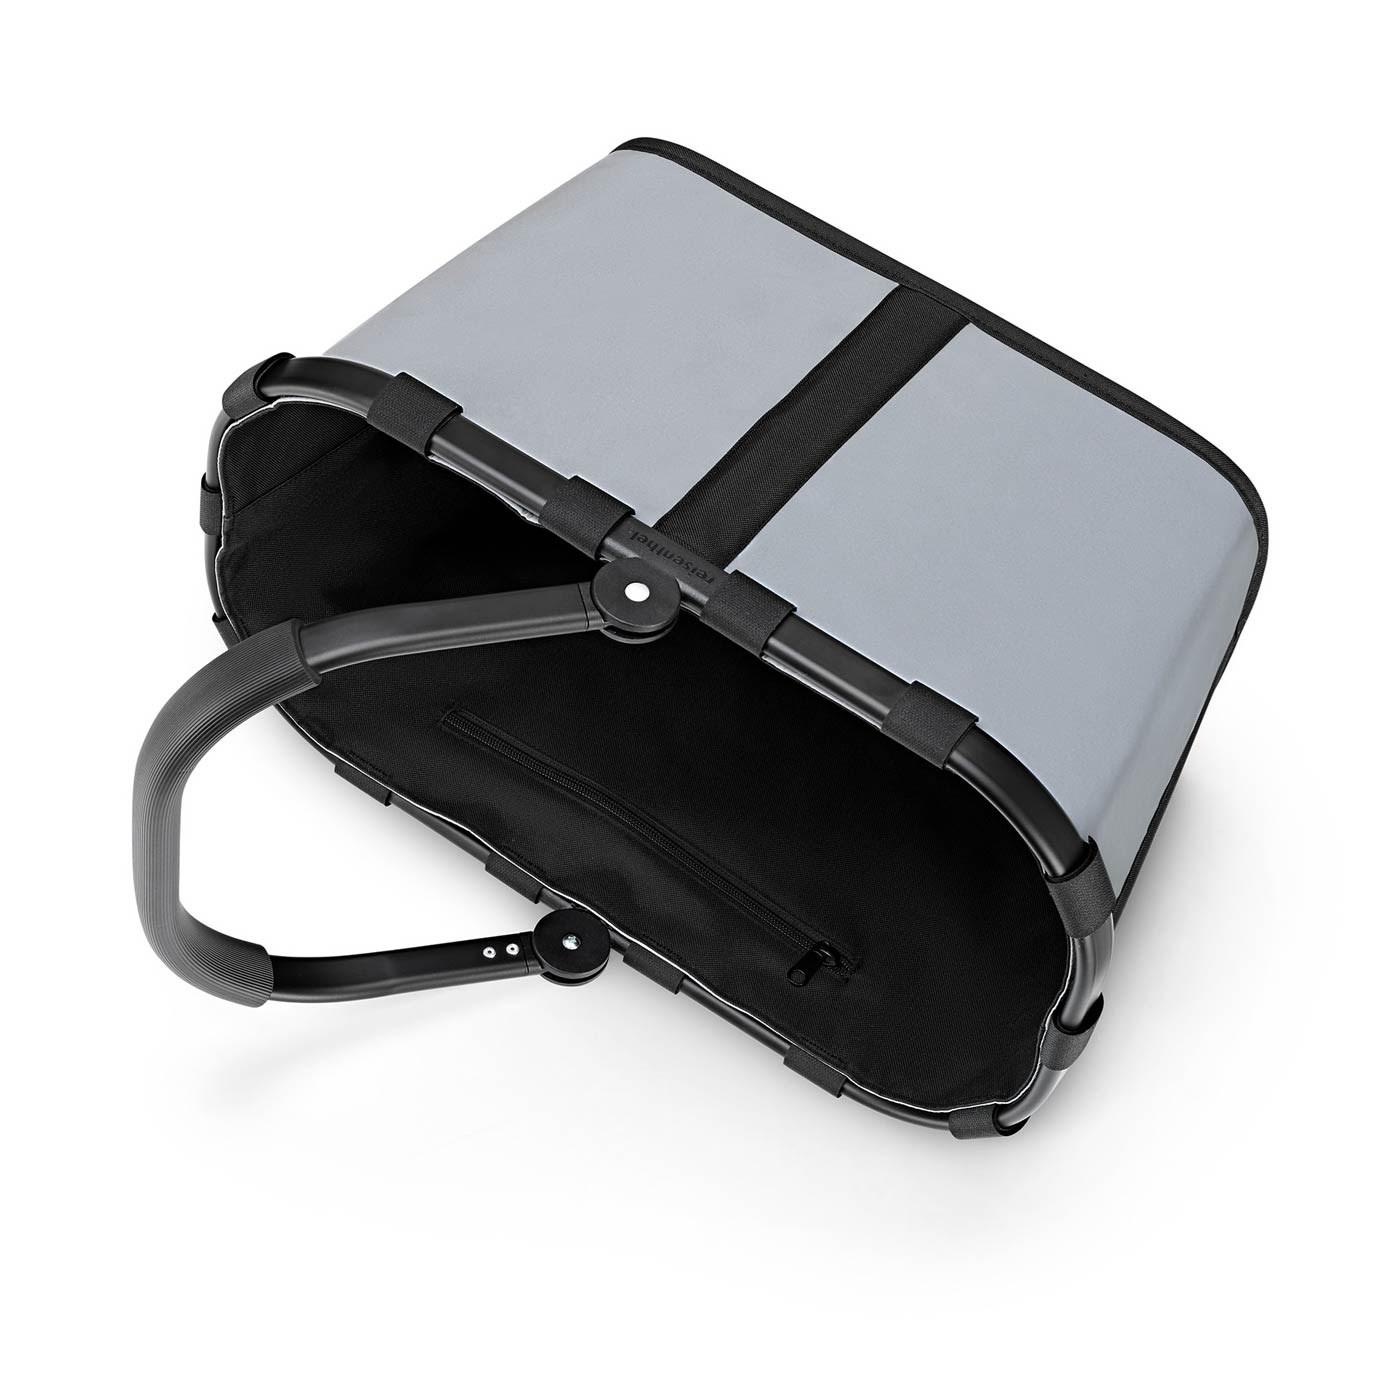 Nákupní košík Carrybag frame reflective_3